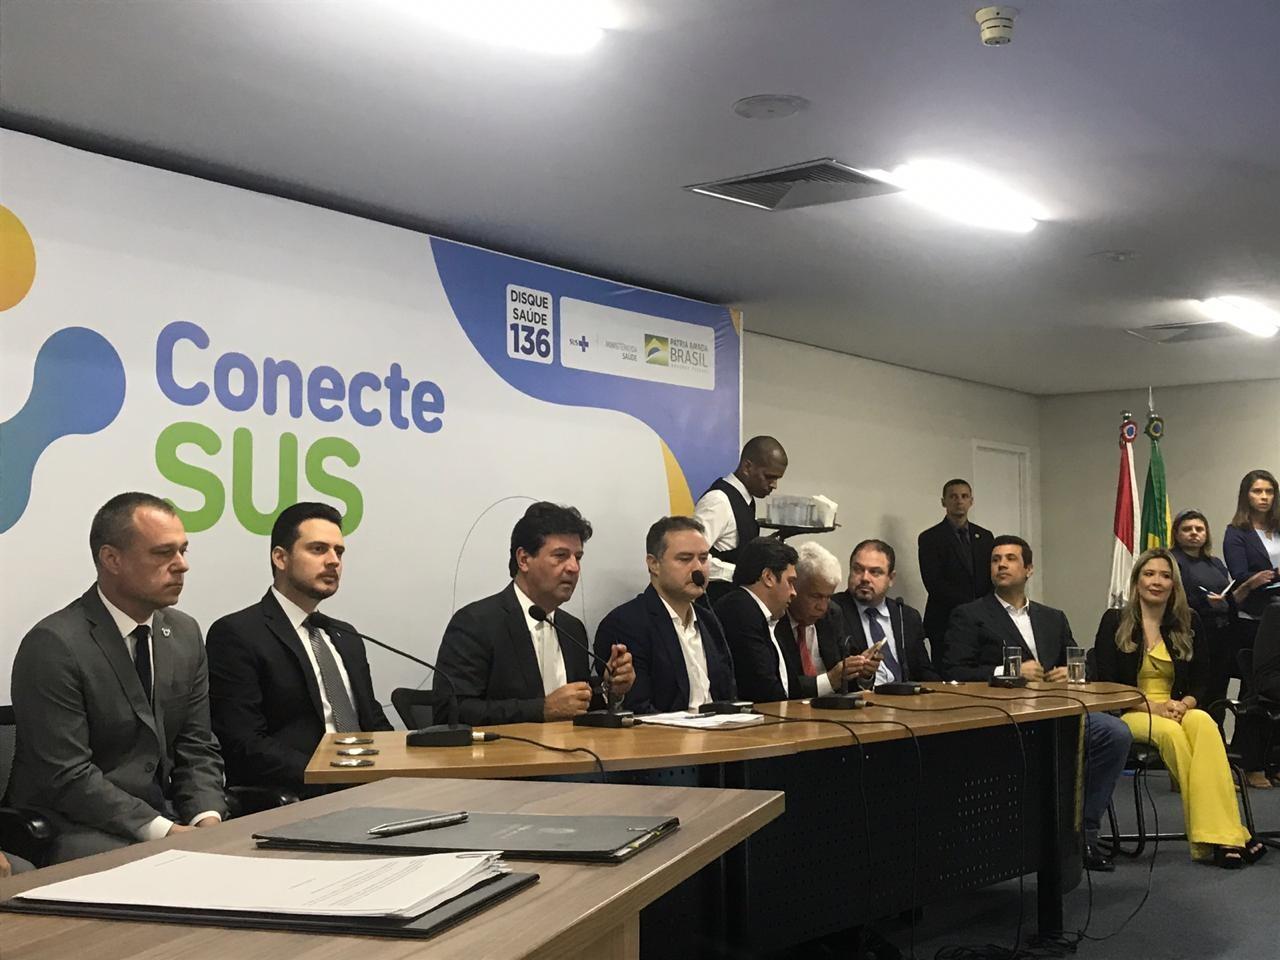 Programa que vai integrar dados de usuários do SUS em todo o país é lançado em Alagoas